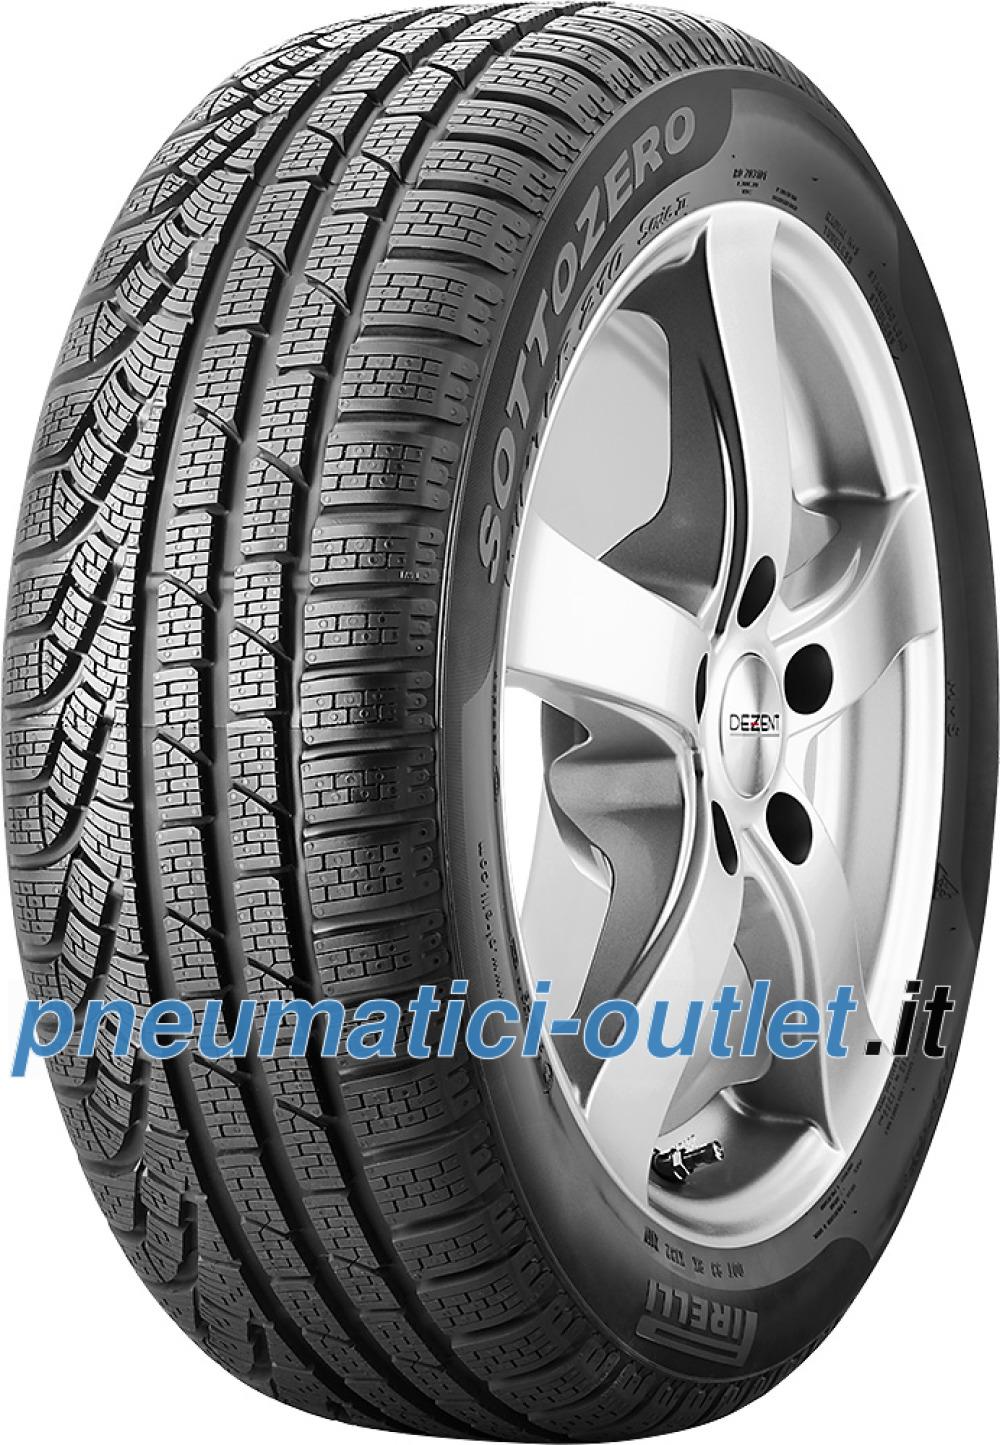 Pirelli W 210 SottoZero S2 ( 225/55 R17 97H AO, con protezione del cerchio (MFS) )